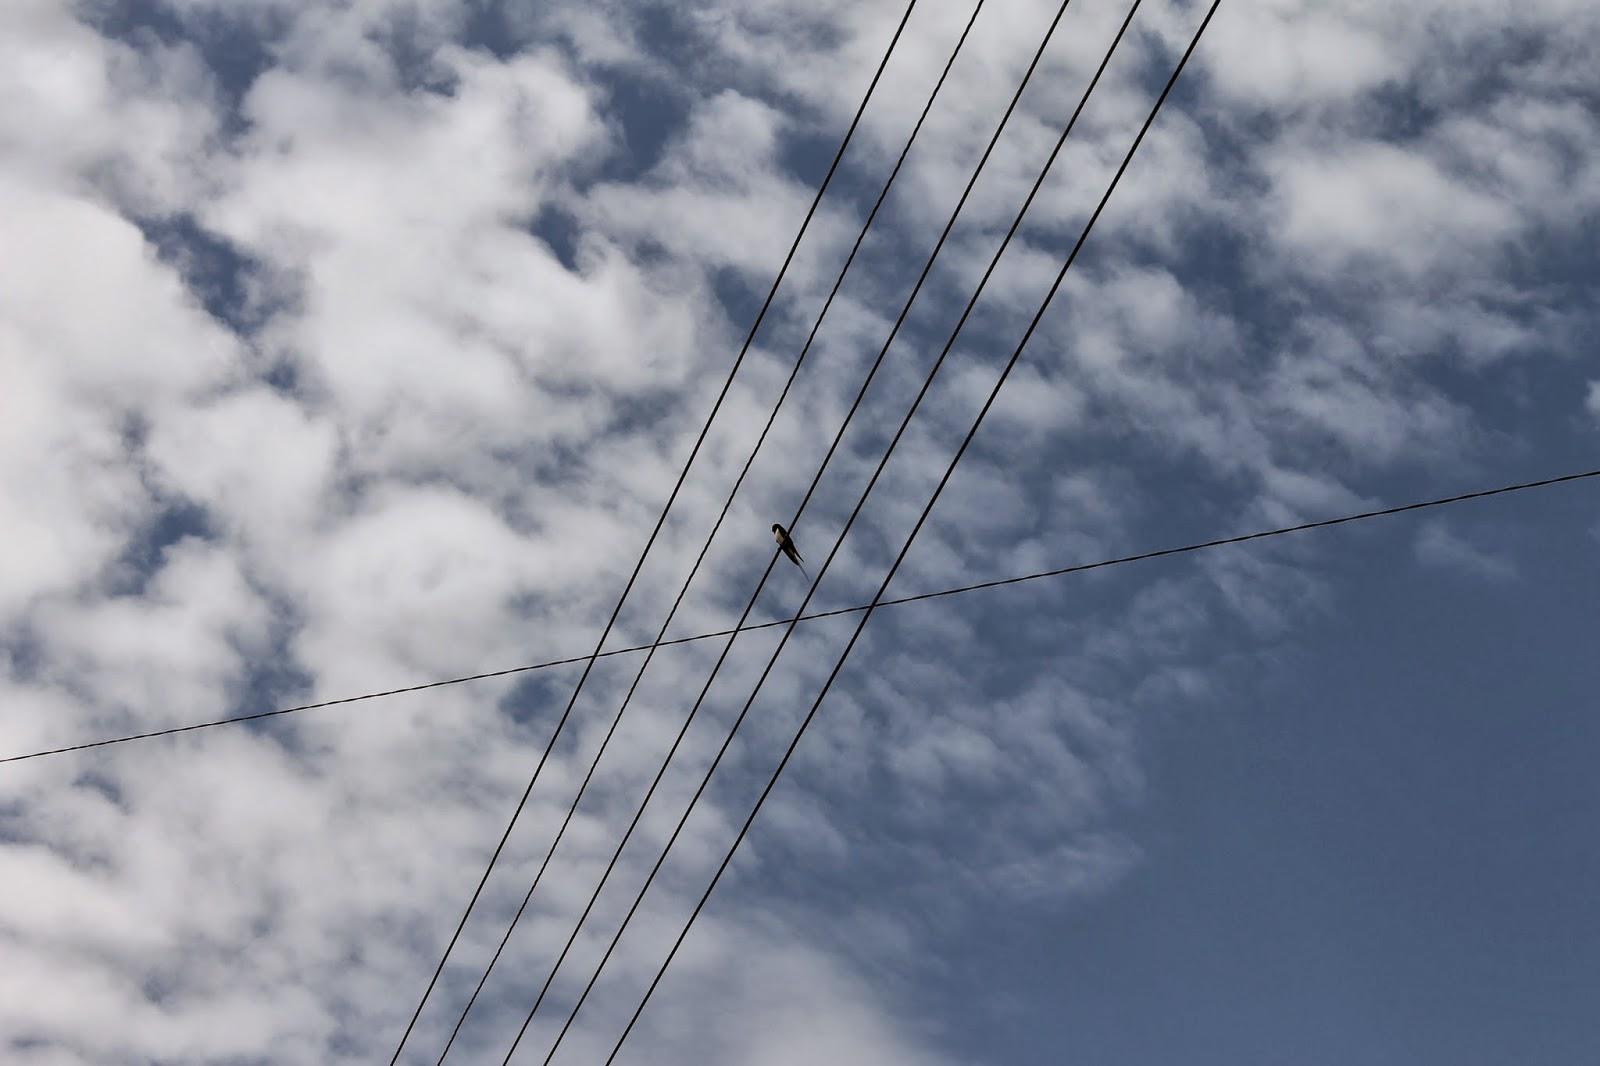 фото Ласточка на проводах